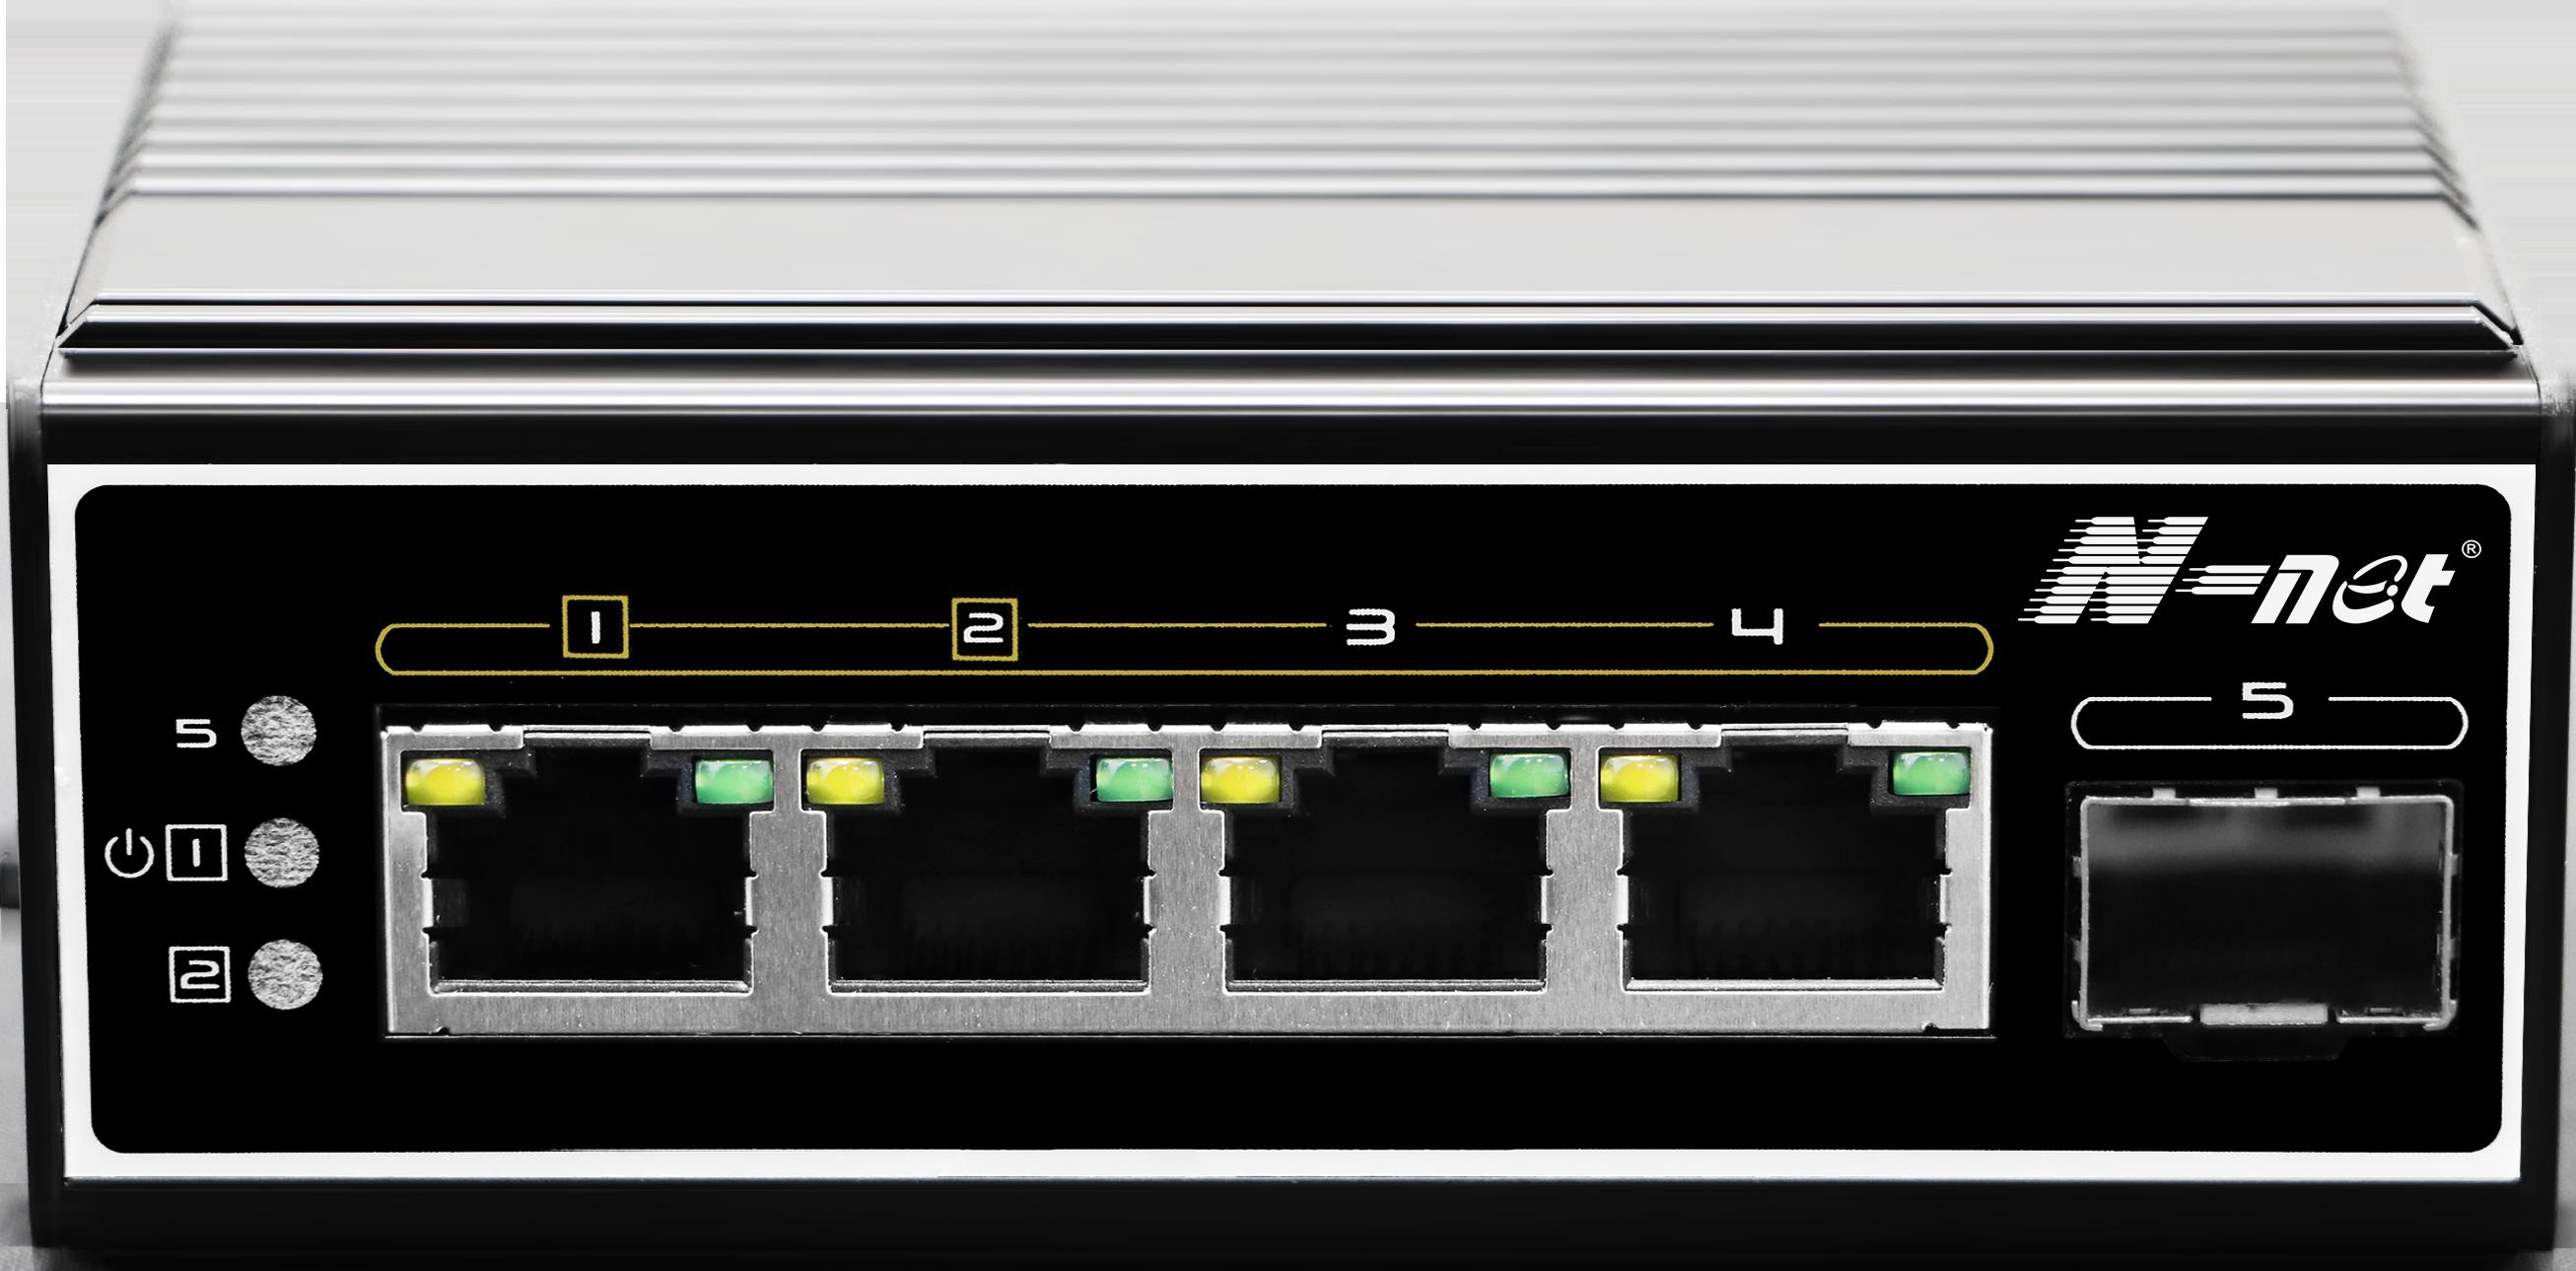 NIE6041SPG 5口PoE全千兆交换机